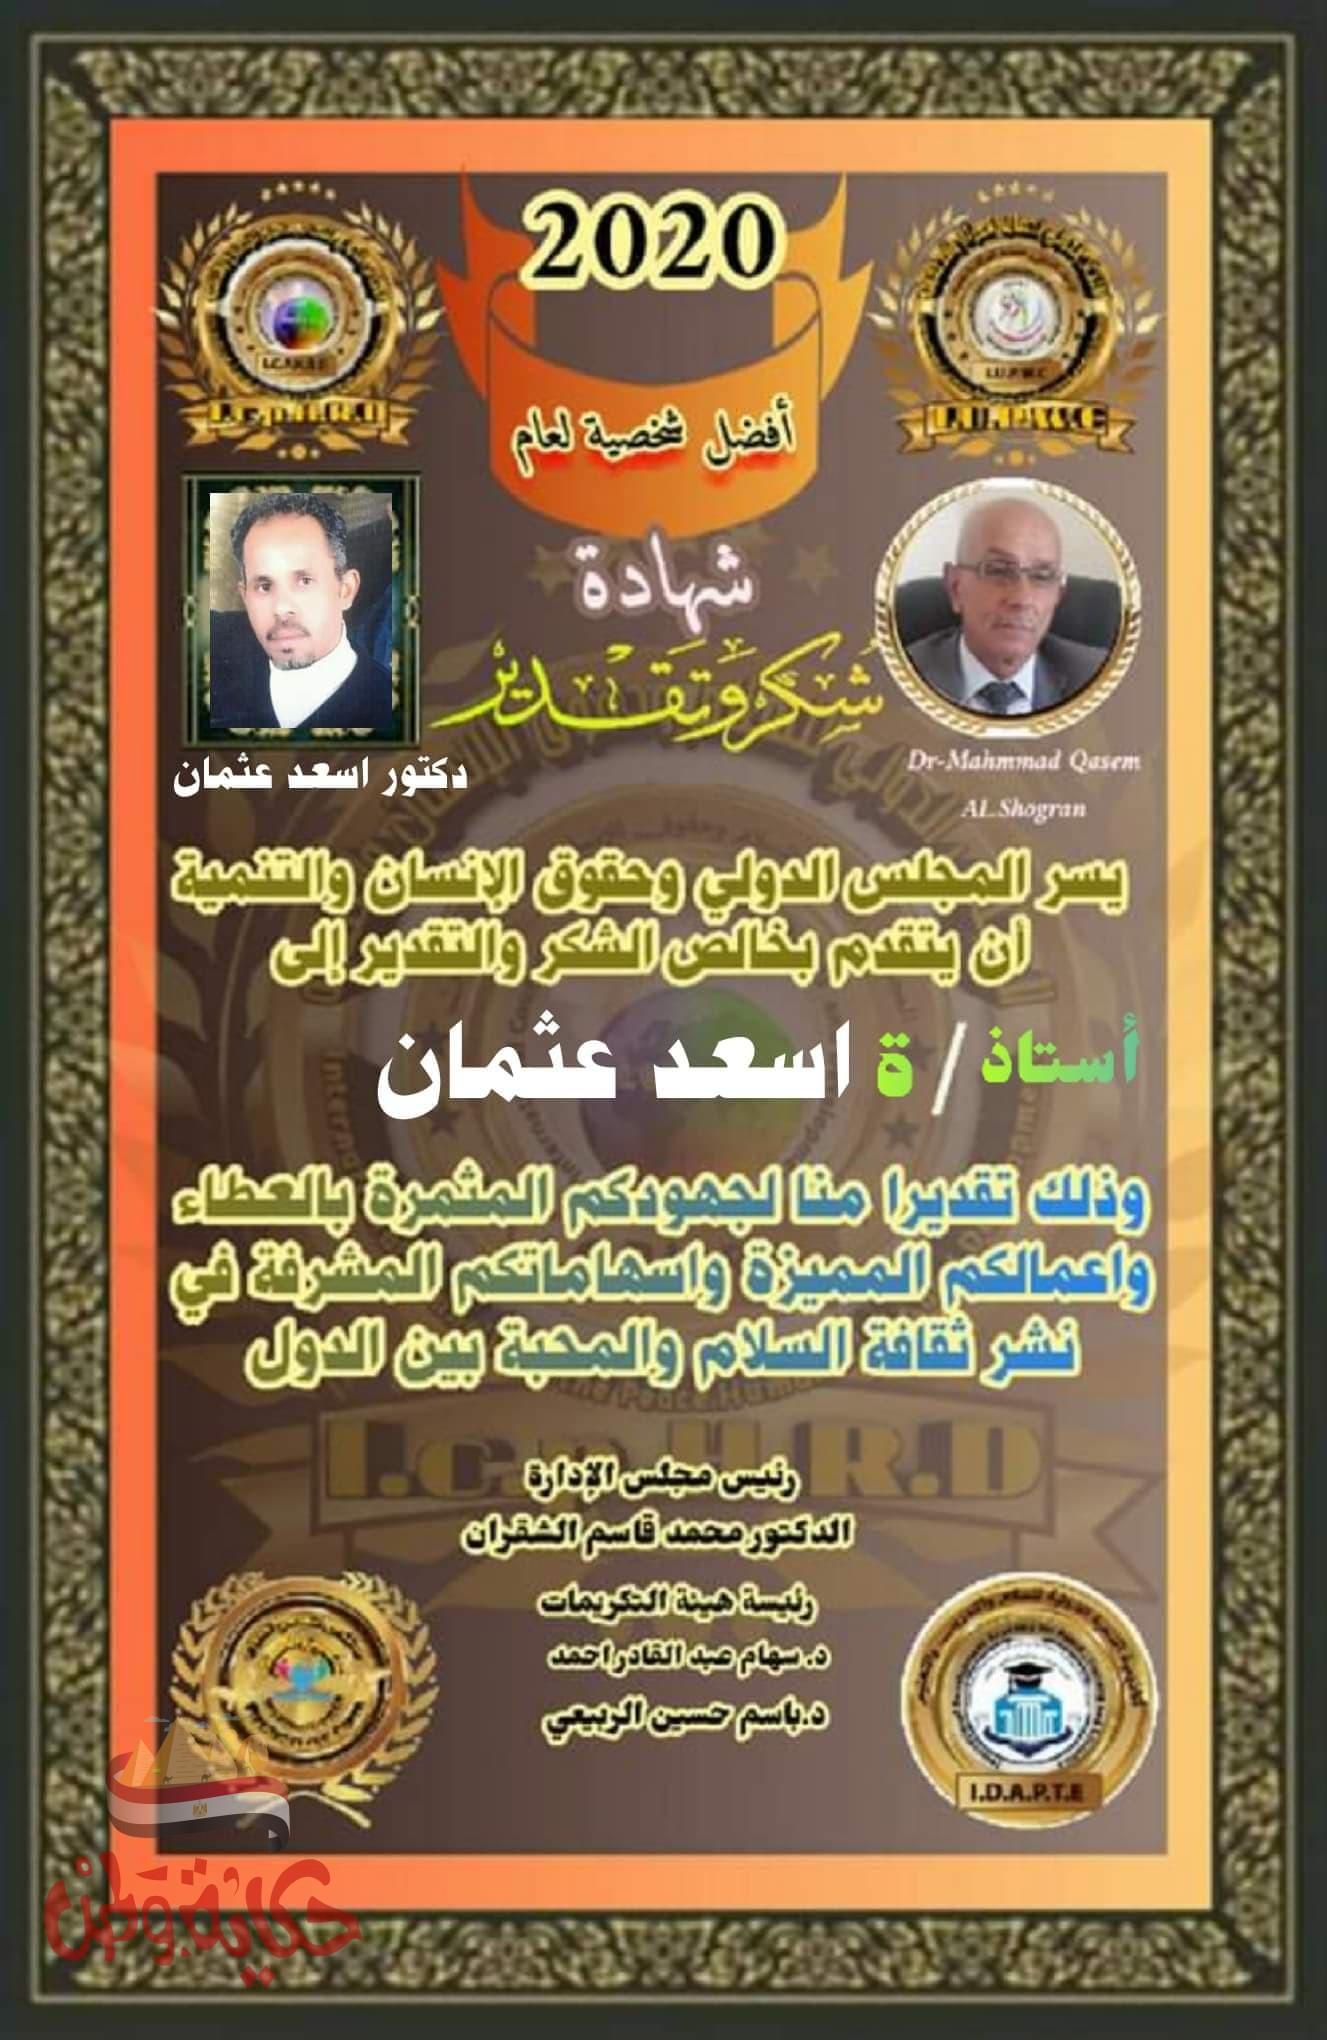 الدكتور أسعد عثمان أبرز